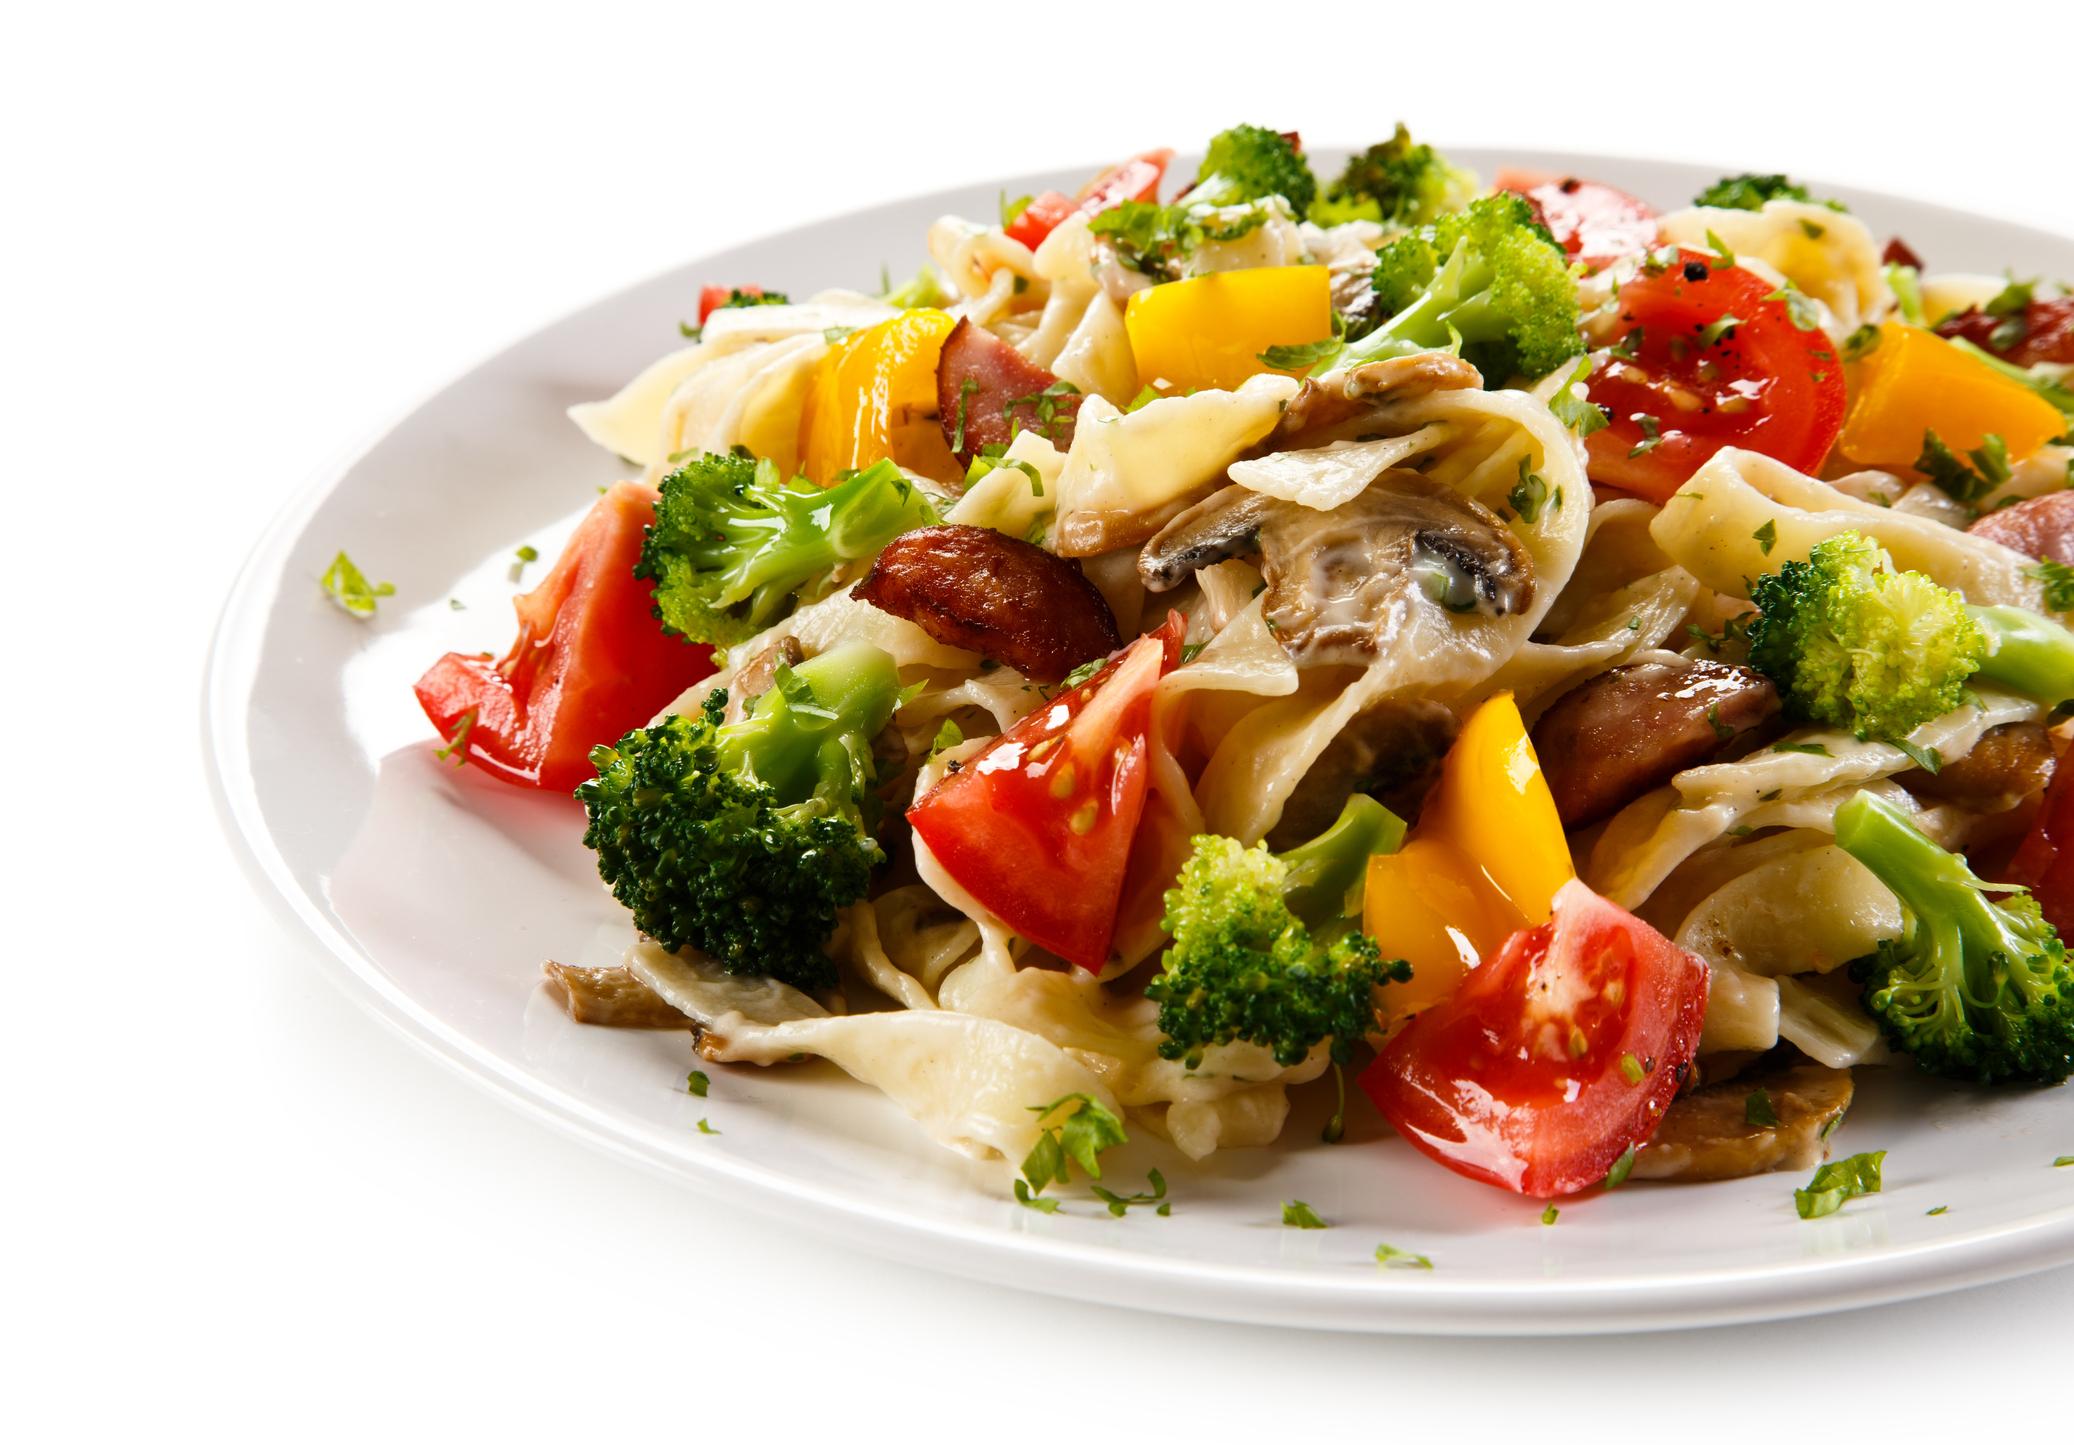 Las raciones también son muy importantes, una italiana promedio consume entre 80 y 100 gramos de pasta e incluye verduras